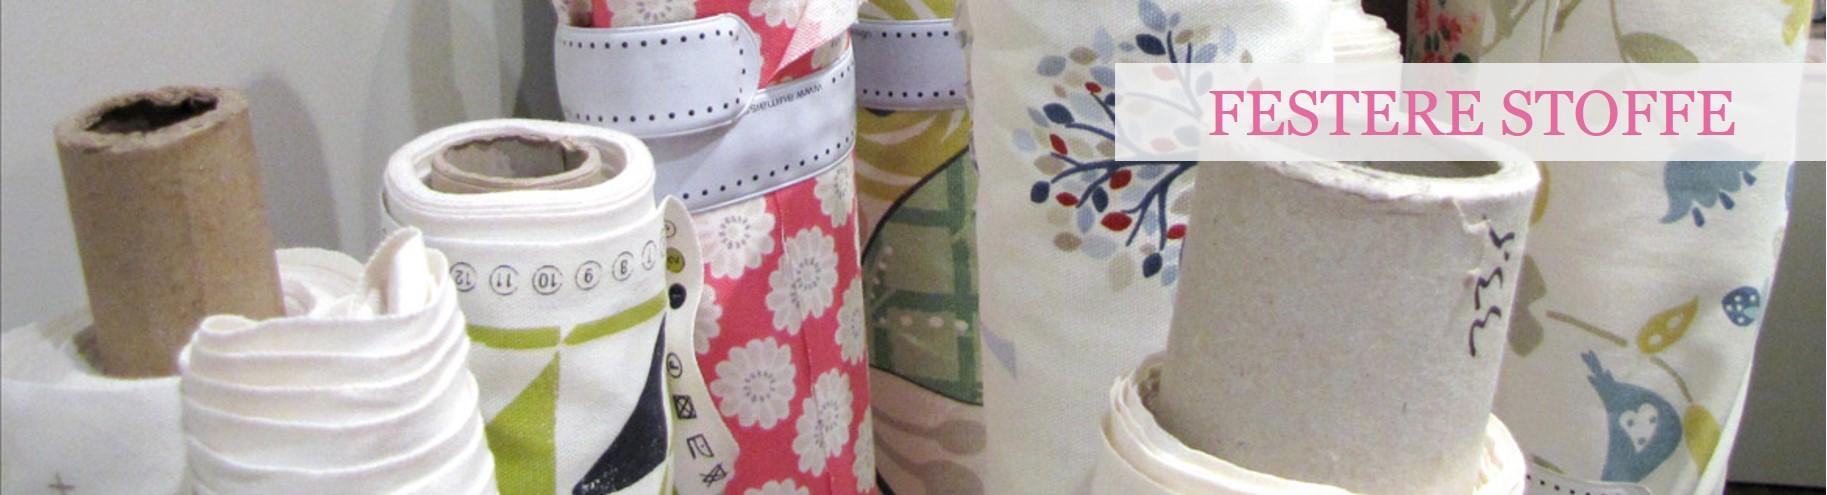 stoffe f r zu hause gardinen vorh nge online kaufen. Black Bedroom Furniture Sets. Home Design Ideas